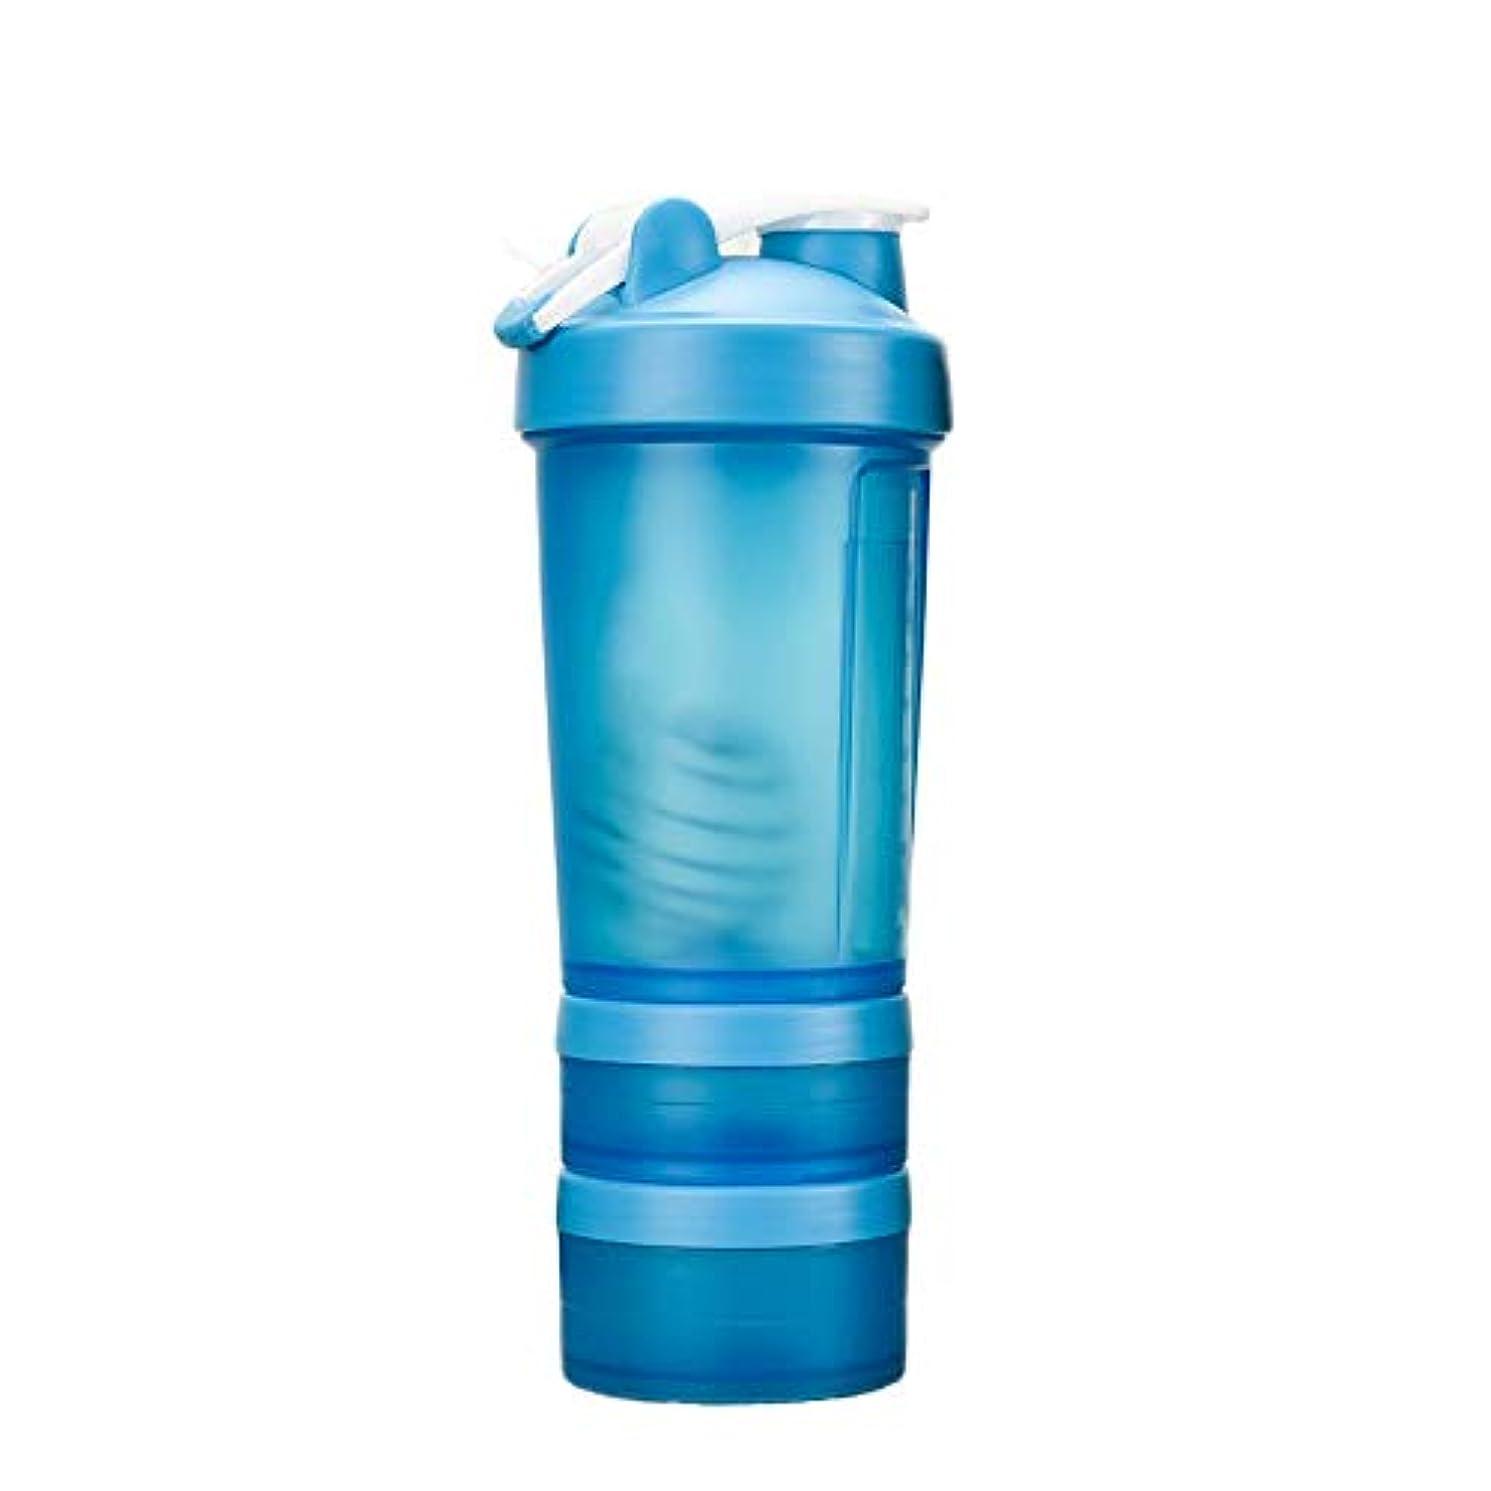 侵入する宇宙のジュラシックパーク650ml シェーカーボトルフィットネスプロテインミキサーカッププラスチックスポーツレイヤリングケトルとカプセルボックススカラボールとスケール表示屋外カフェバーオフィス栄養,Blue